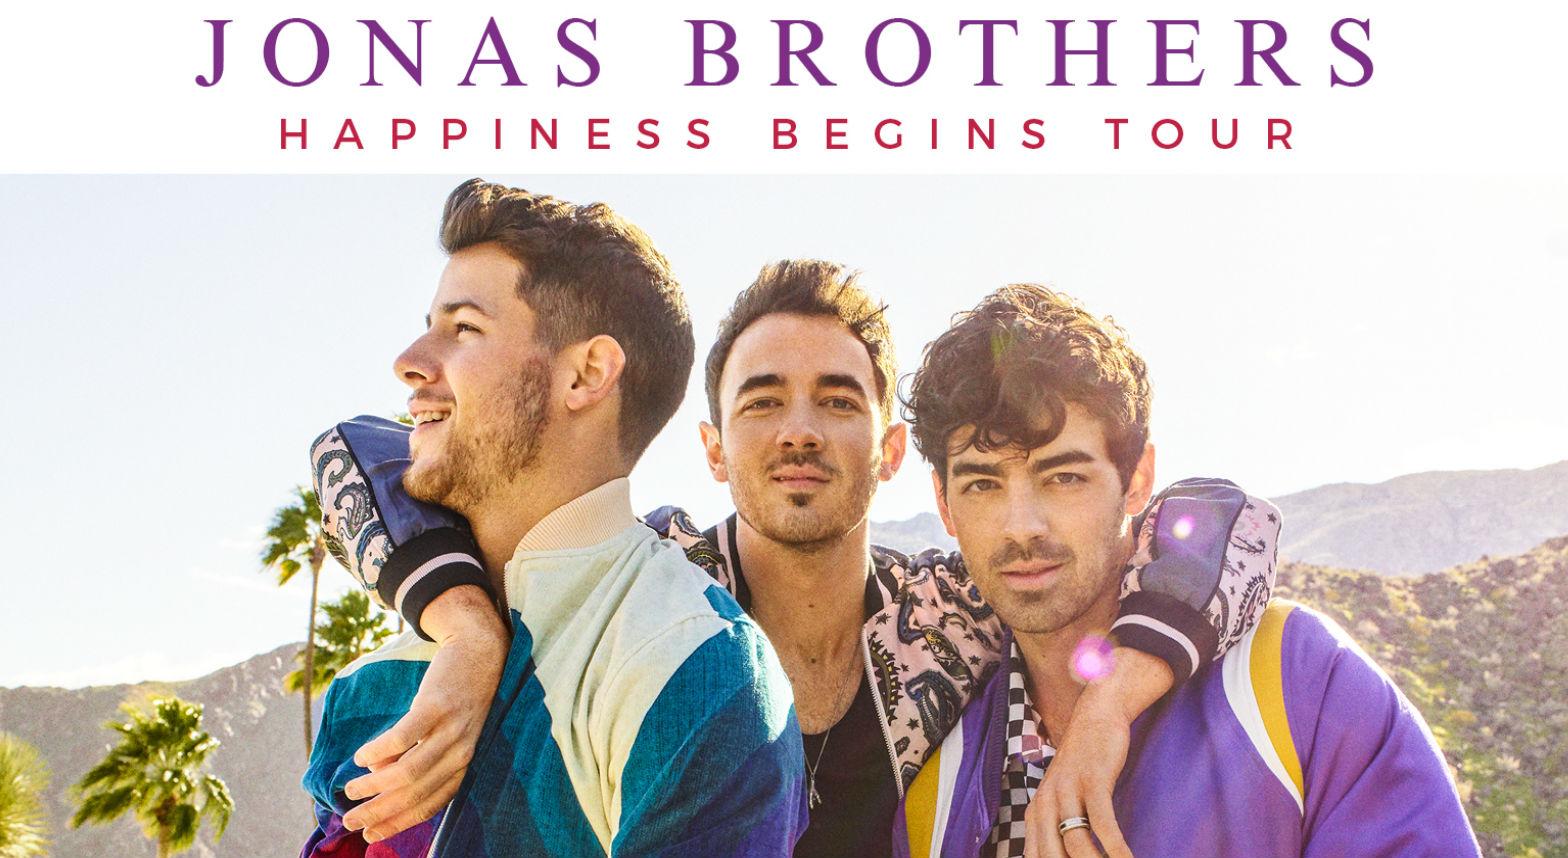 jonas-brothers-arenasV1.jpg